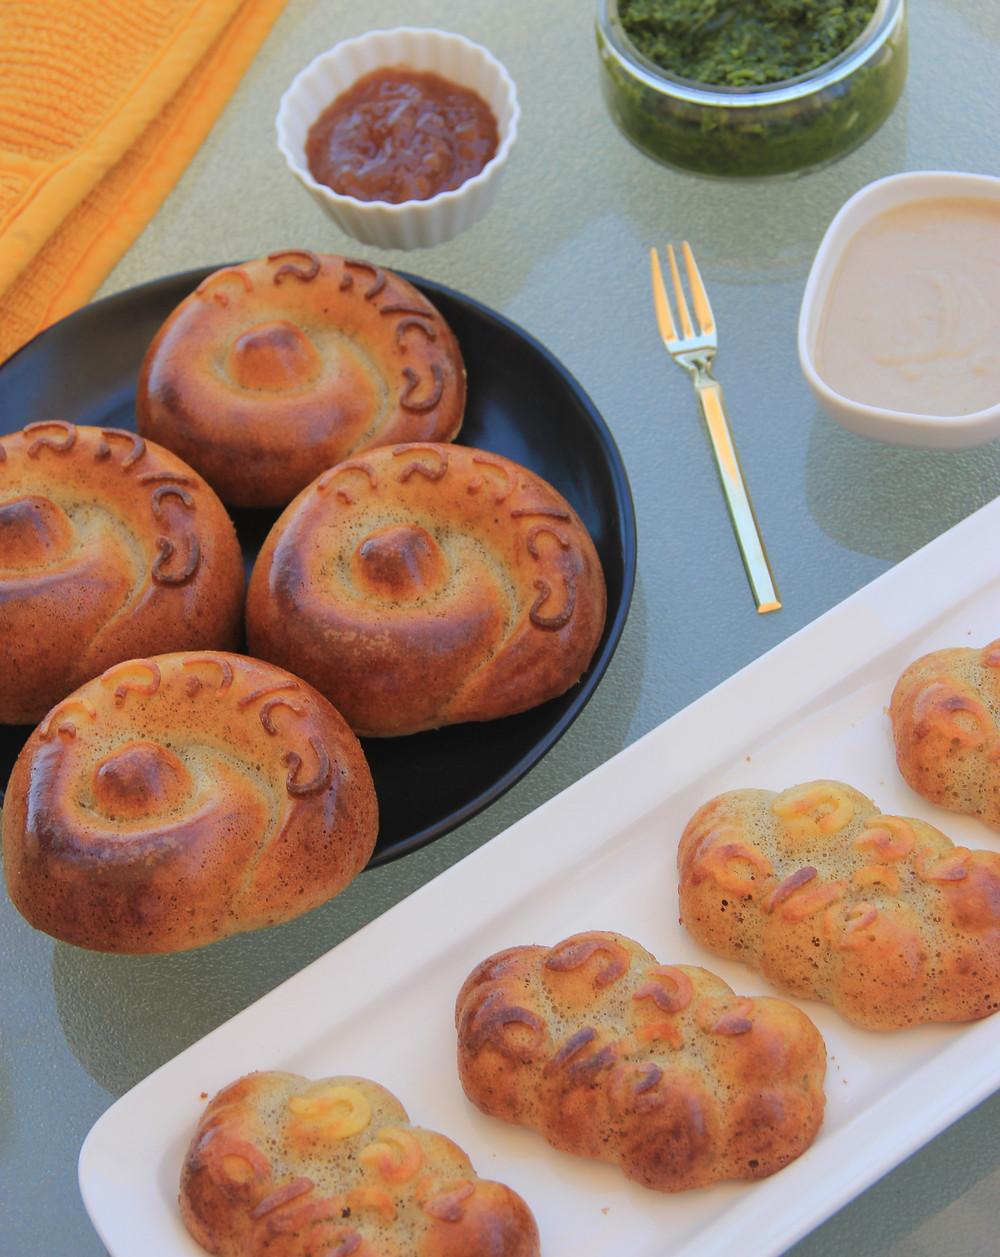 לחם בריא, לחם בריא ללא גלוטן, לחמניה בריאה, מתכון לחם בריא ללא גלוטן, מתכון לחם פליאו, פליאו